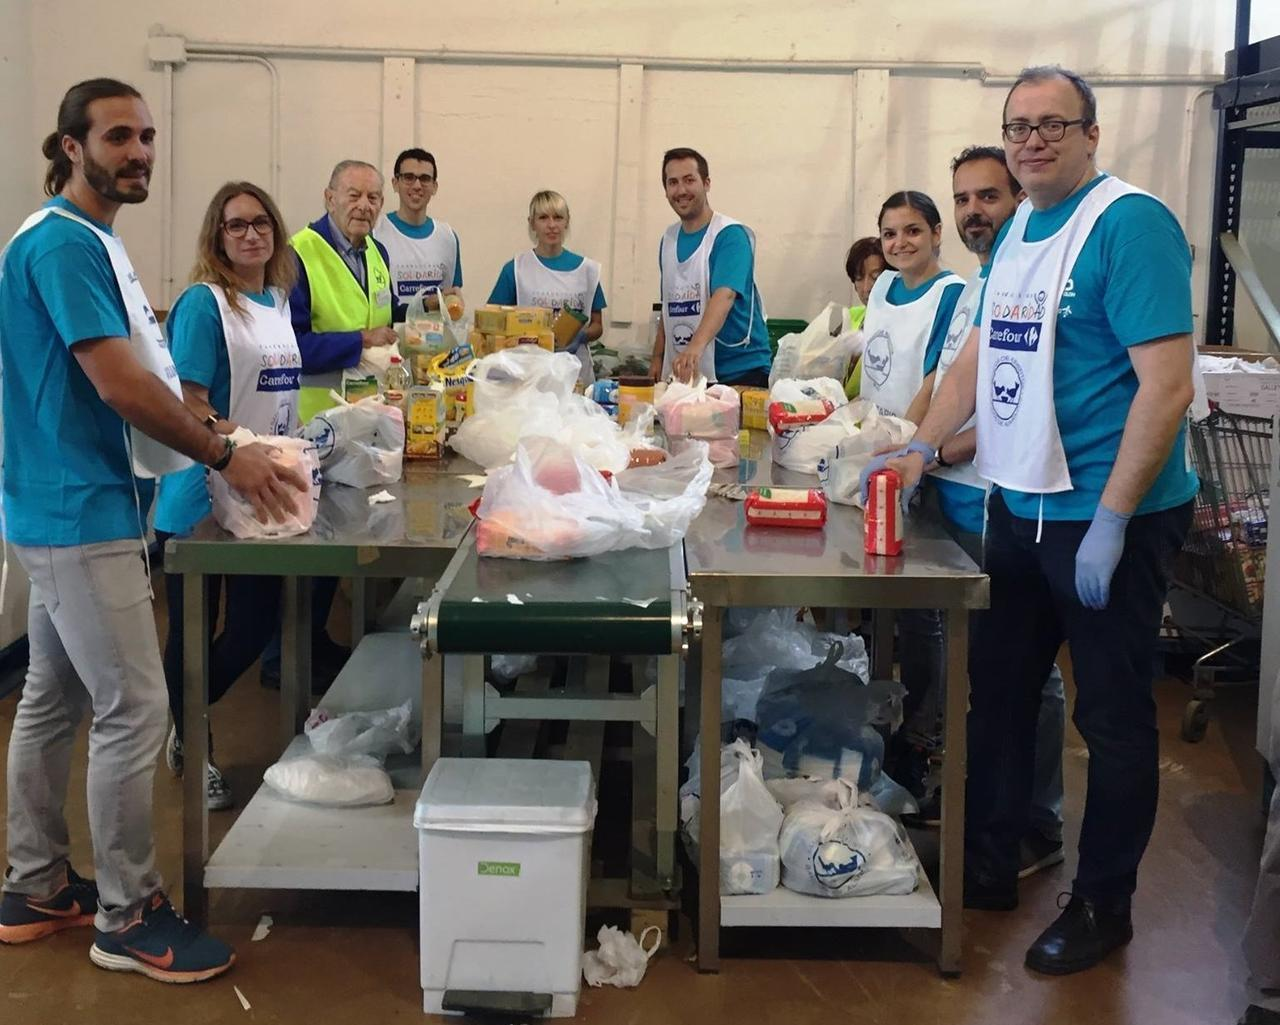 Voluntarios para recogida de alimentos madrid